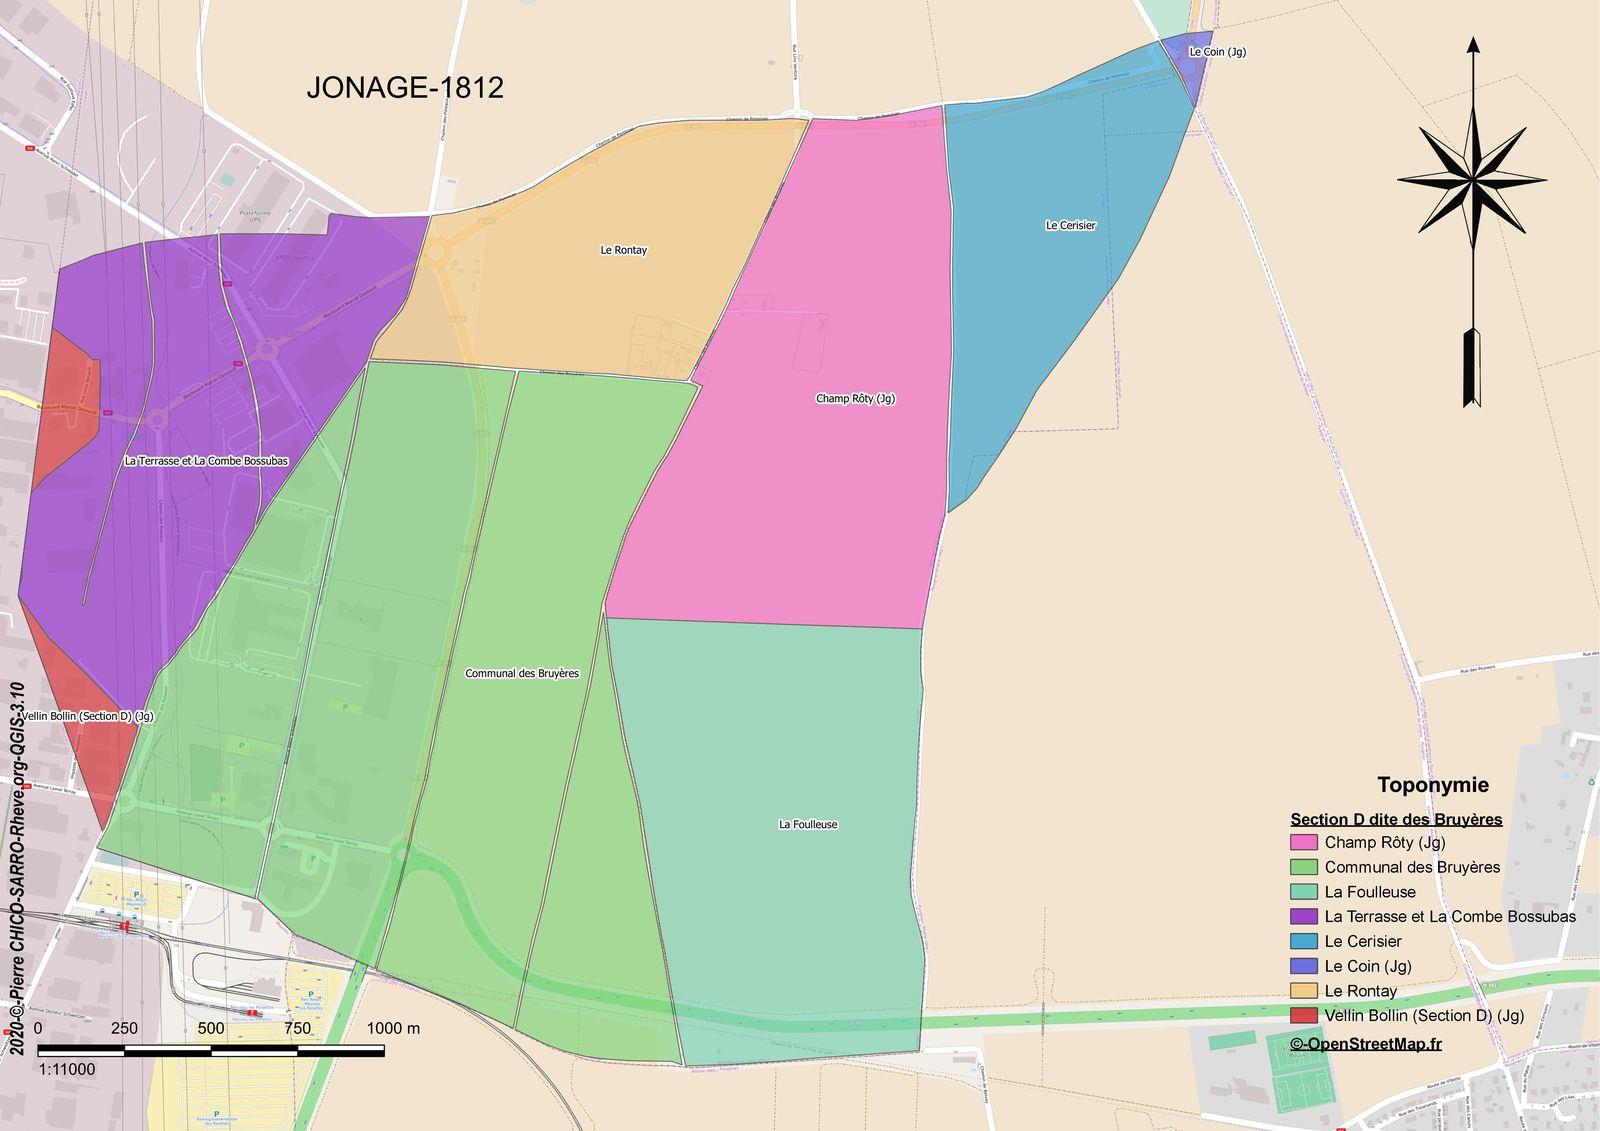 Distribution des toponymes de la section D dite des Bruyères à Jonage en 1812